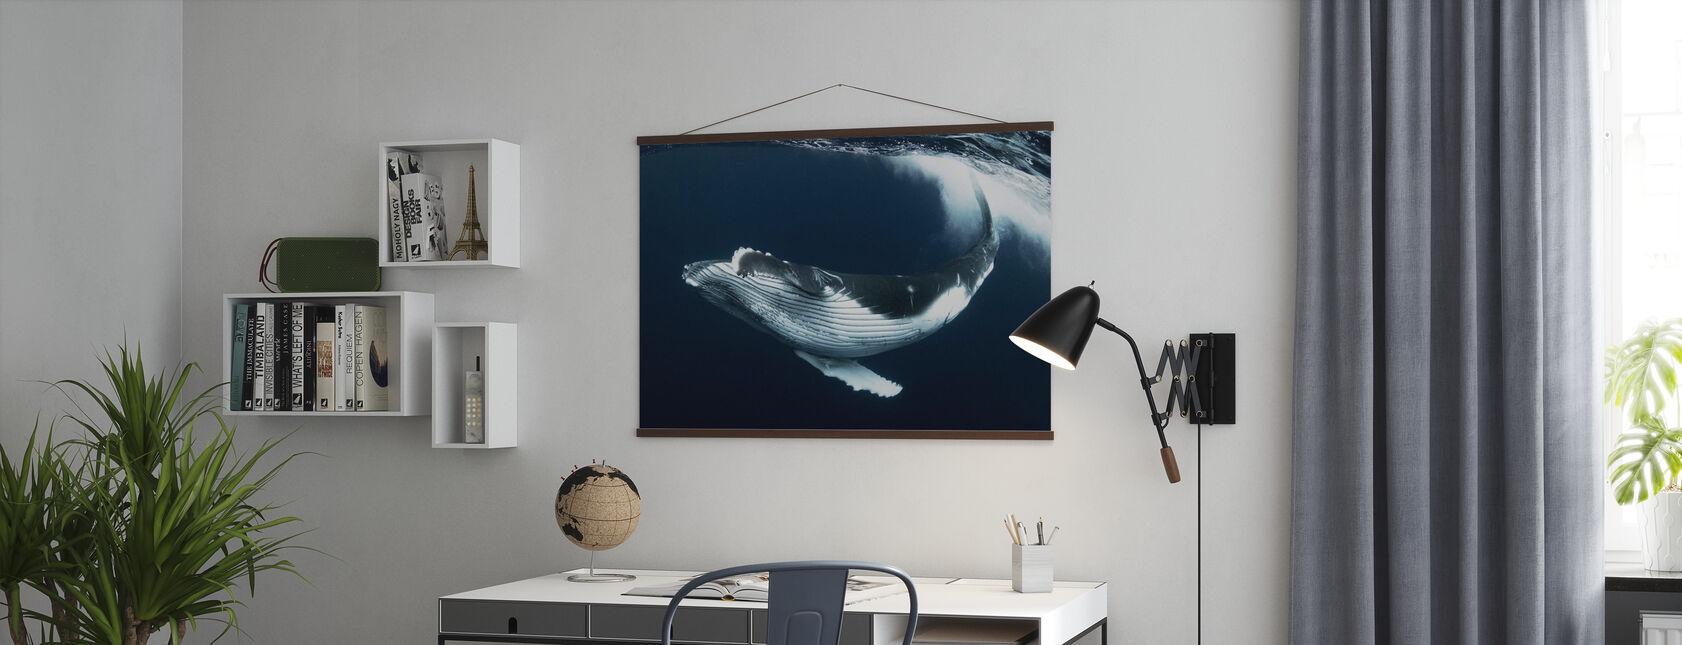 Mooie draai - Poster - Kantoor